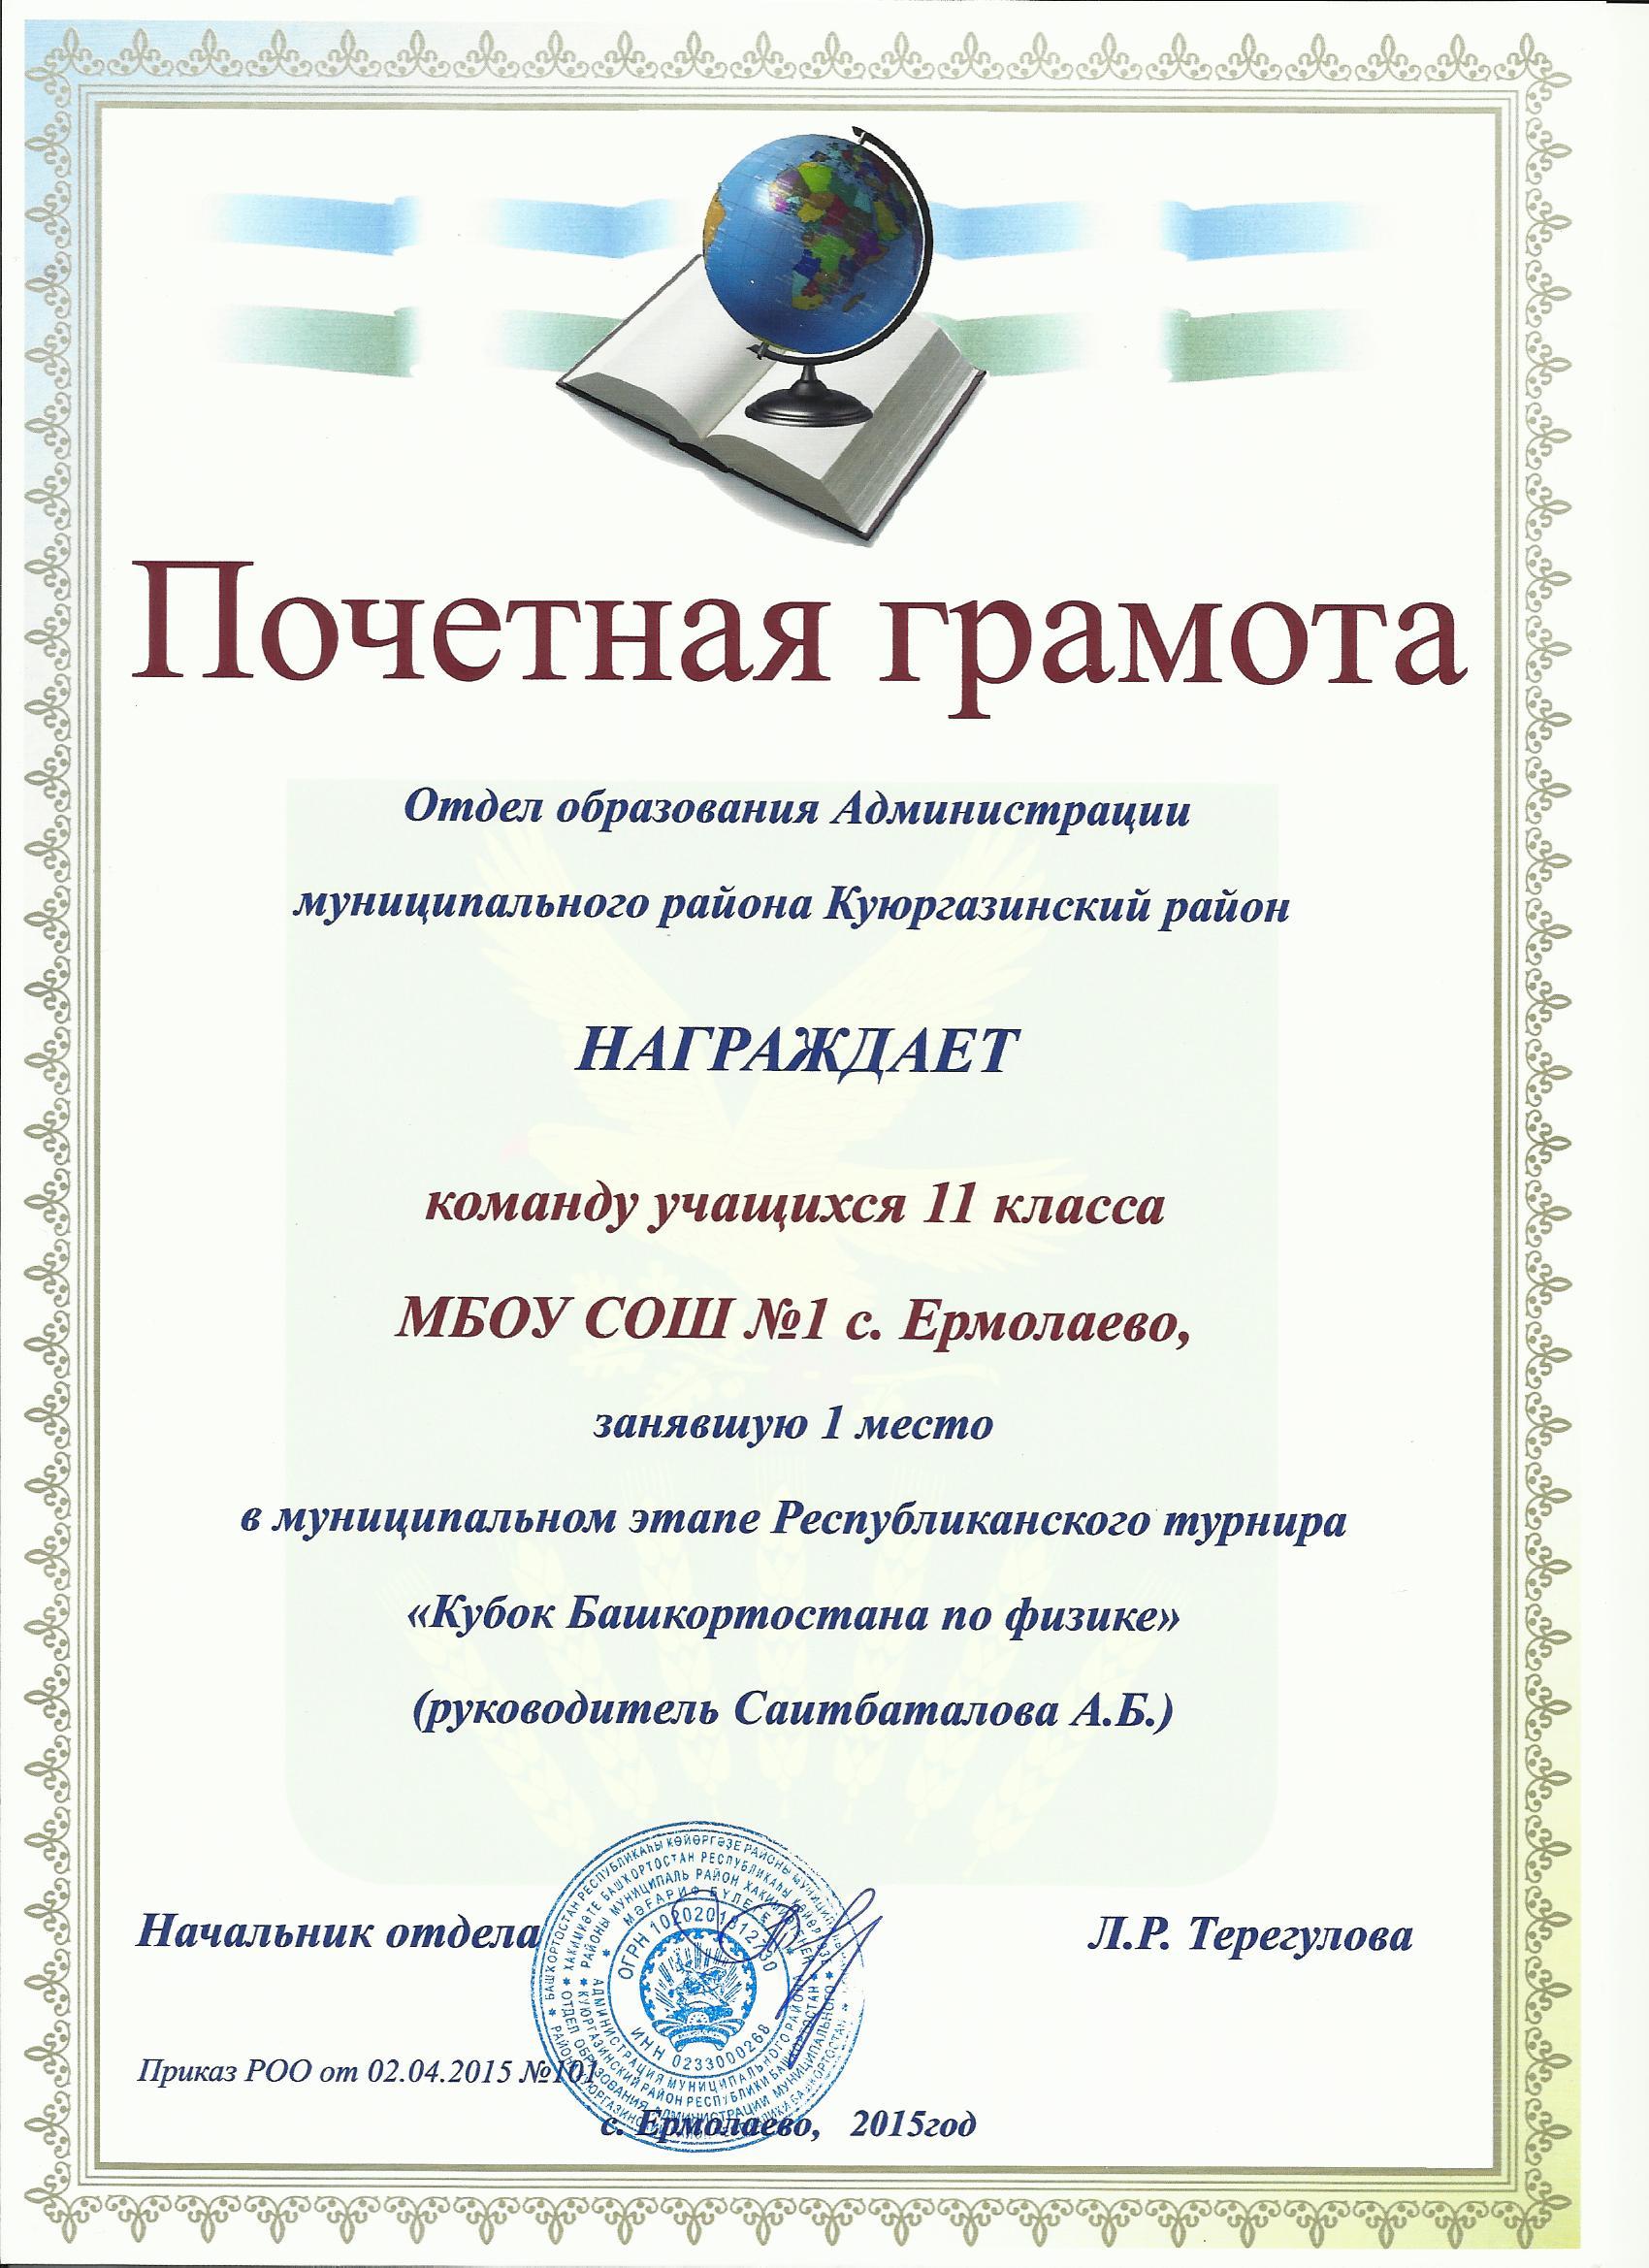 Всероссийский конкурс краеведческих работ